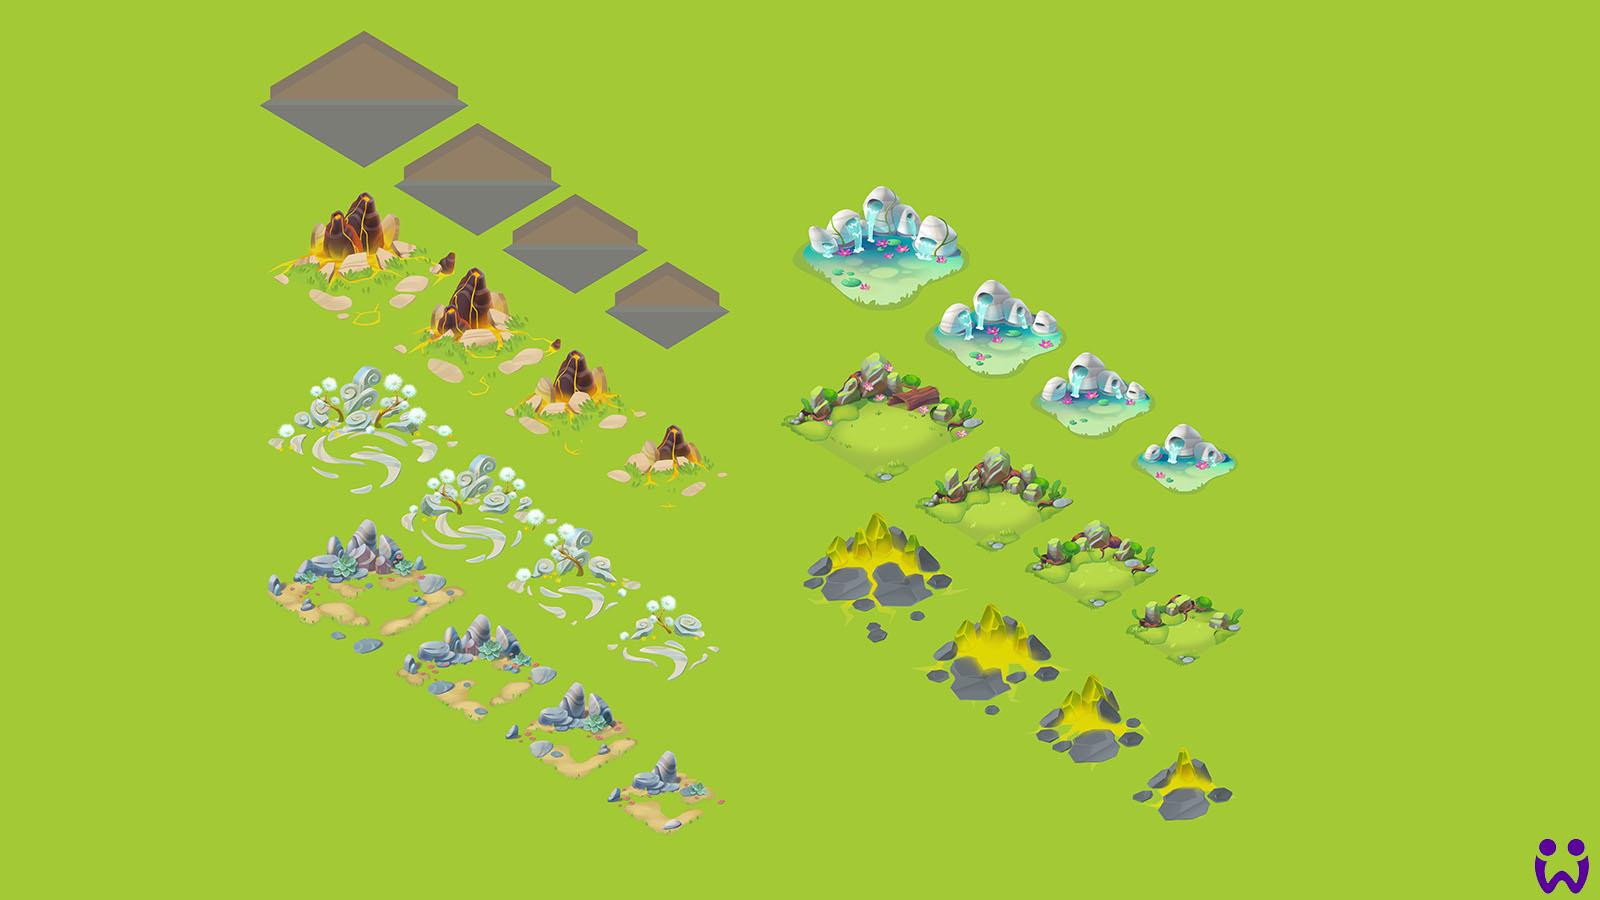 """13 von 25, Darstellung der Elementarhabitate für die Wonderlinge. Für das Mobilegame """"Wonderlings"""" von Wooga"""